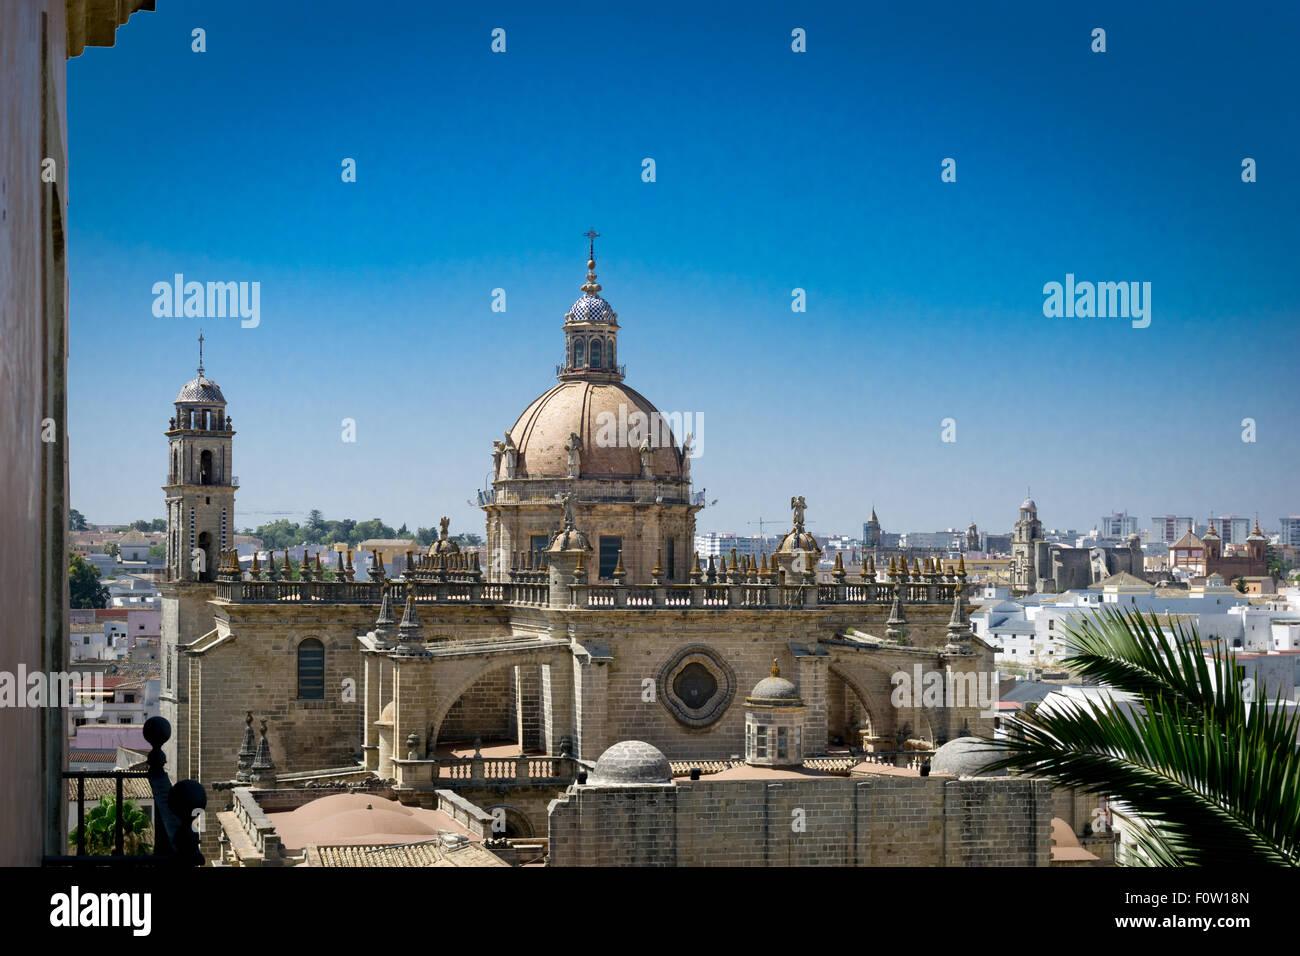 Die Kathedrale von Jerez von Alcazar gesehen. Stockbild